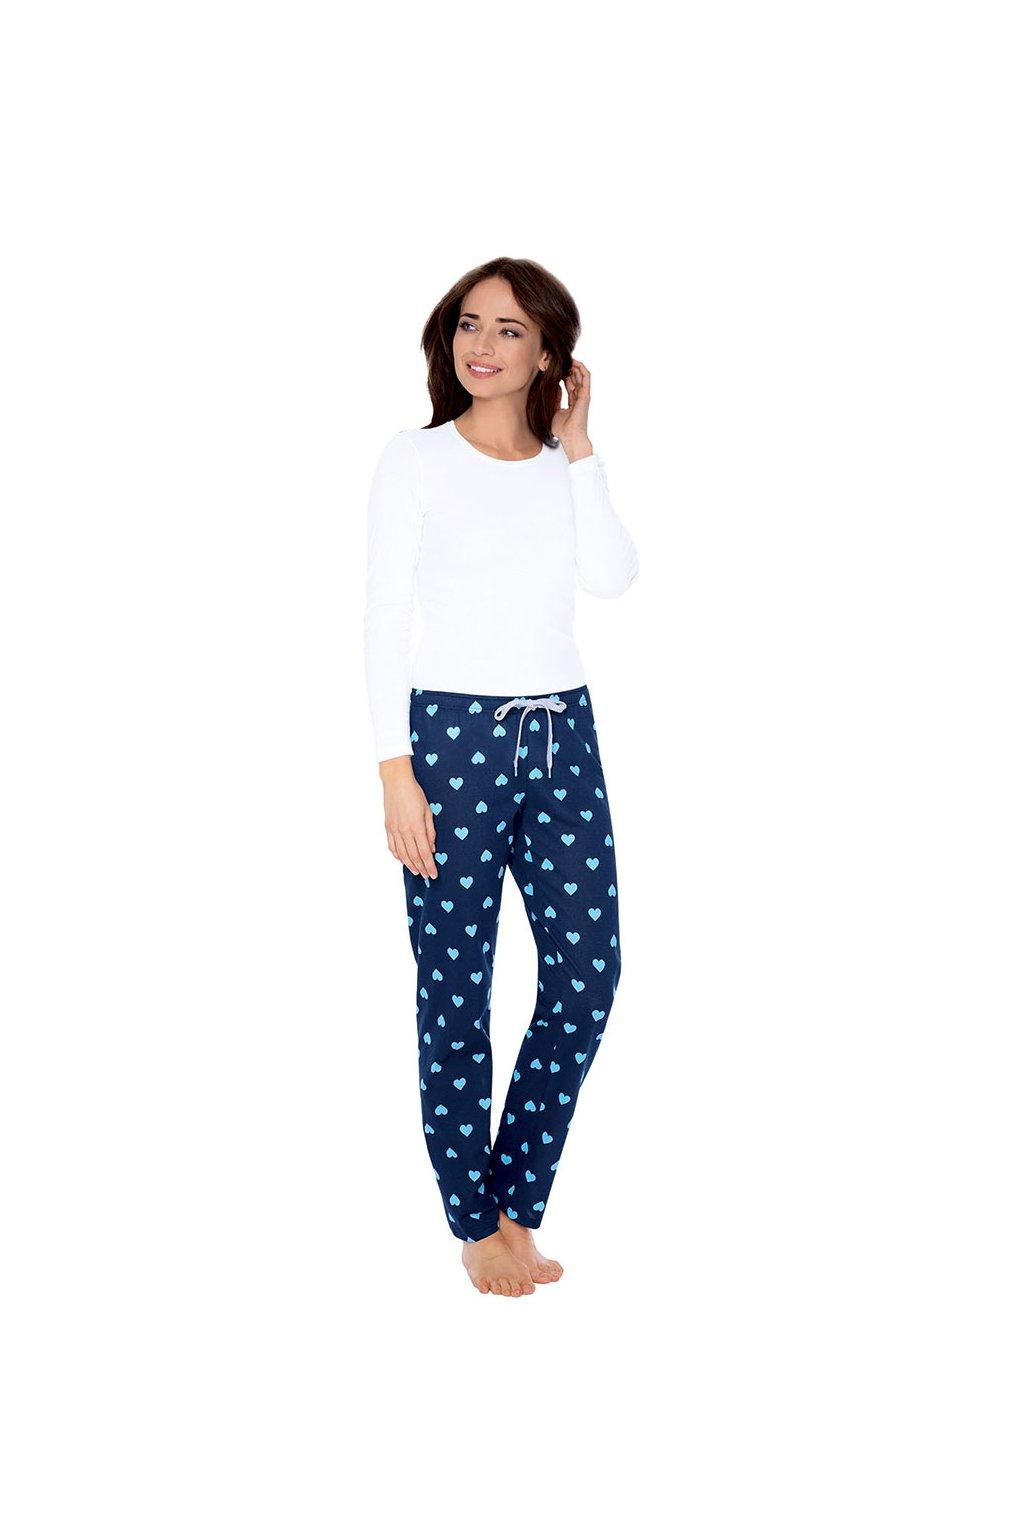 Dámské pyžamové kalhoty s dlouhými nohavicemi, 104395 28, modrá